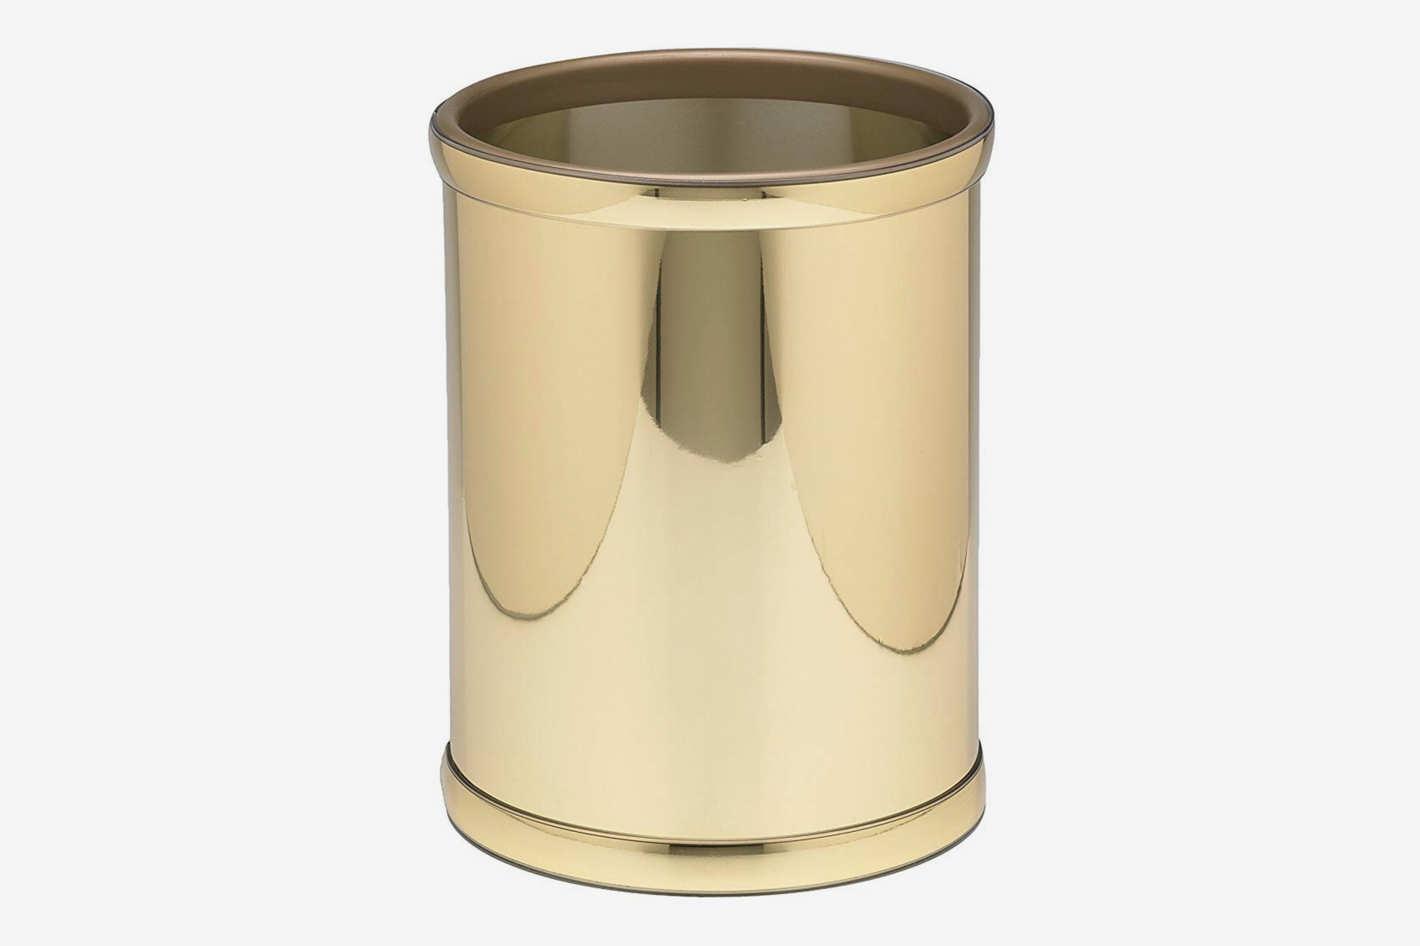 Kraftware Vinyl and Mylar Polished Round Waste Basket, Polished Brass